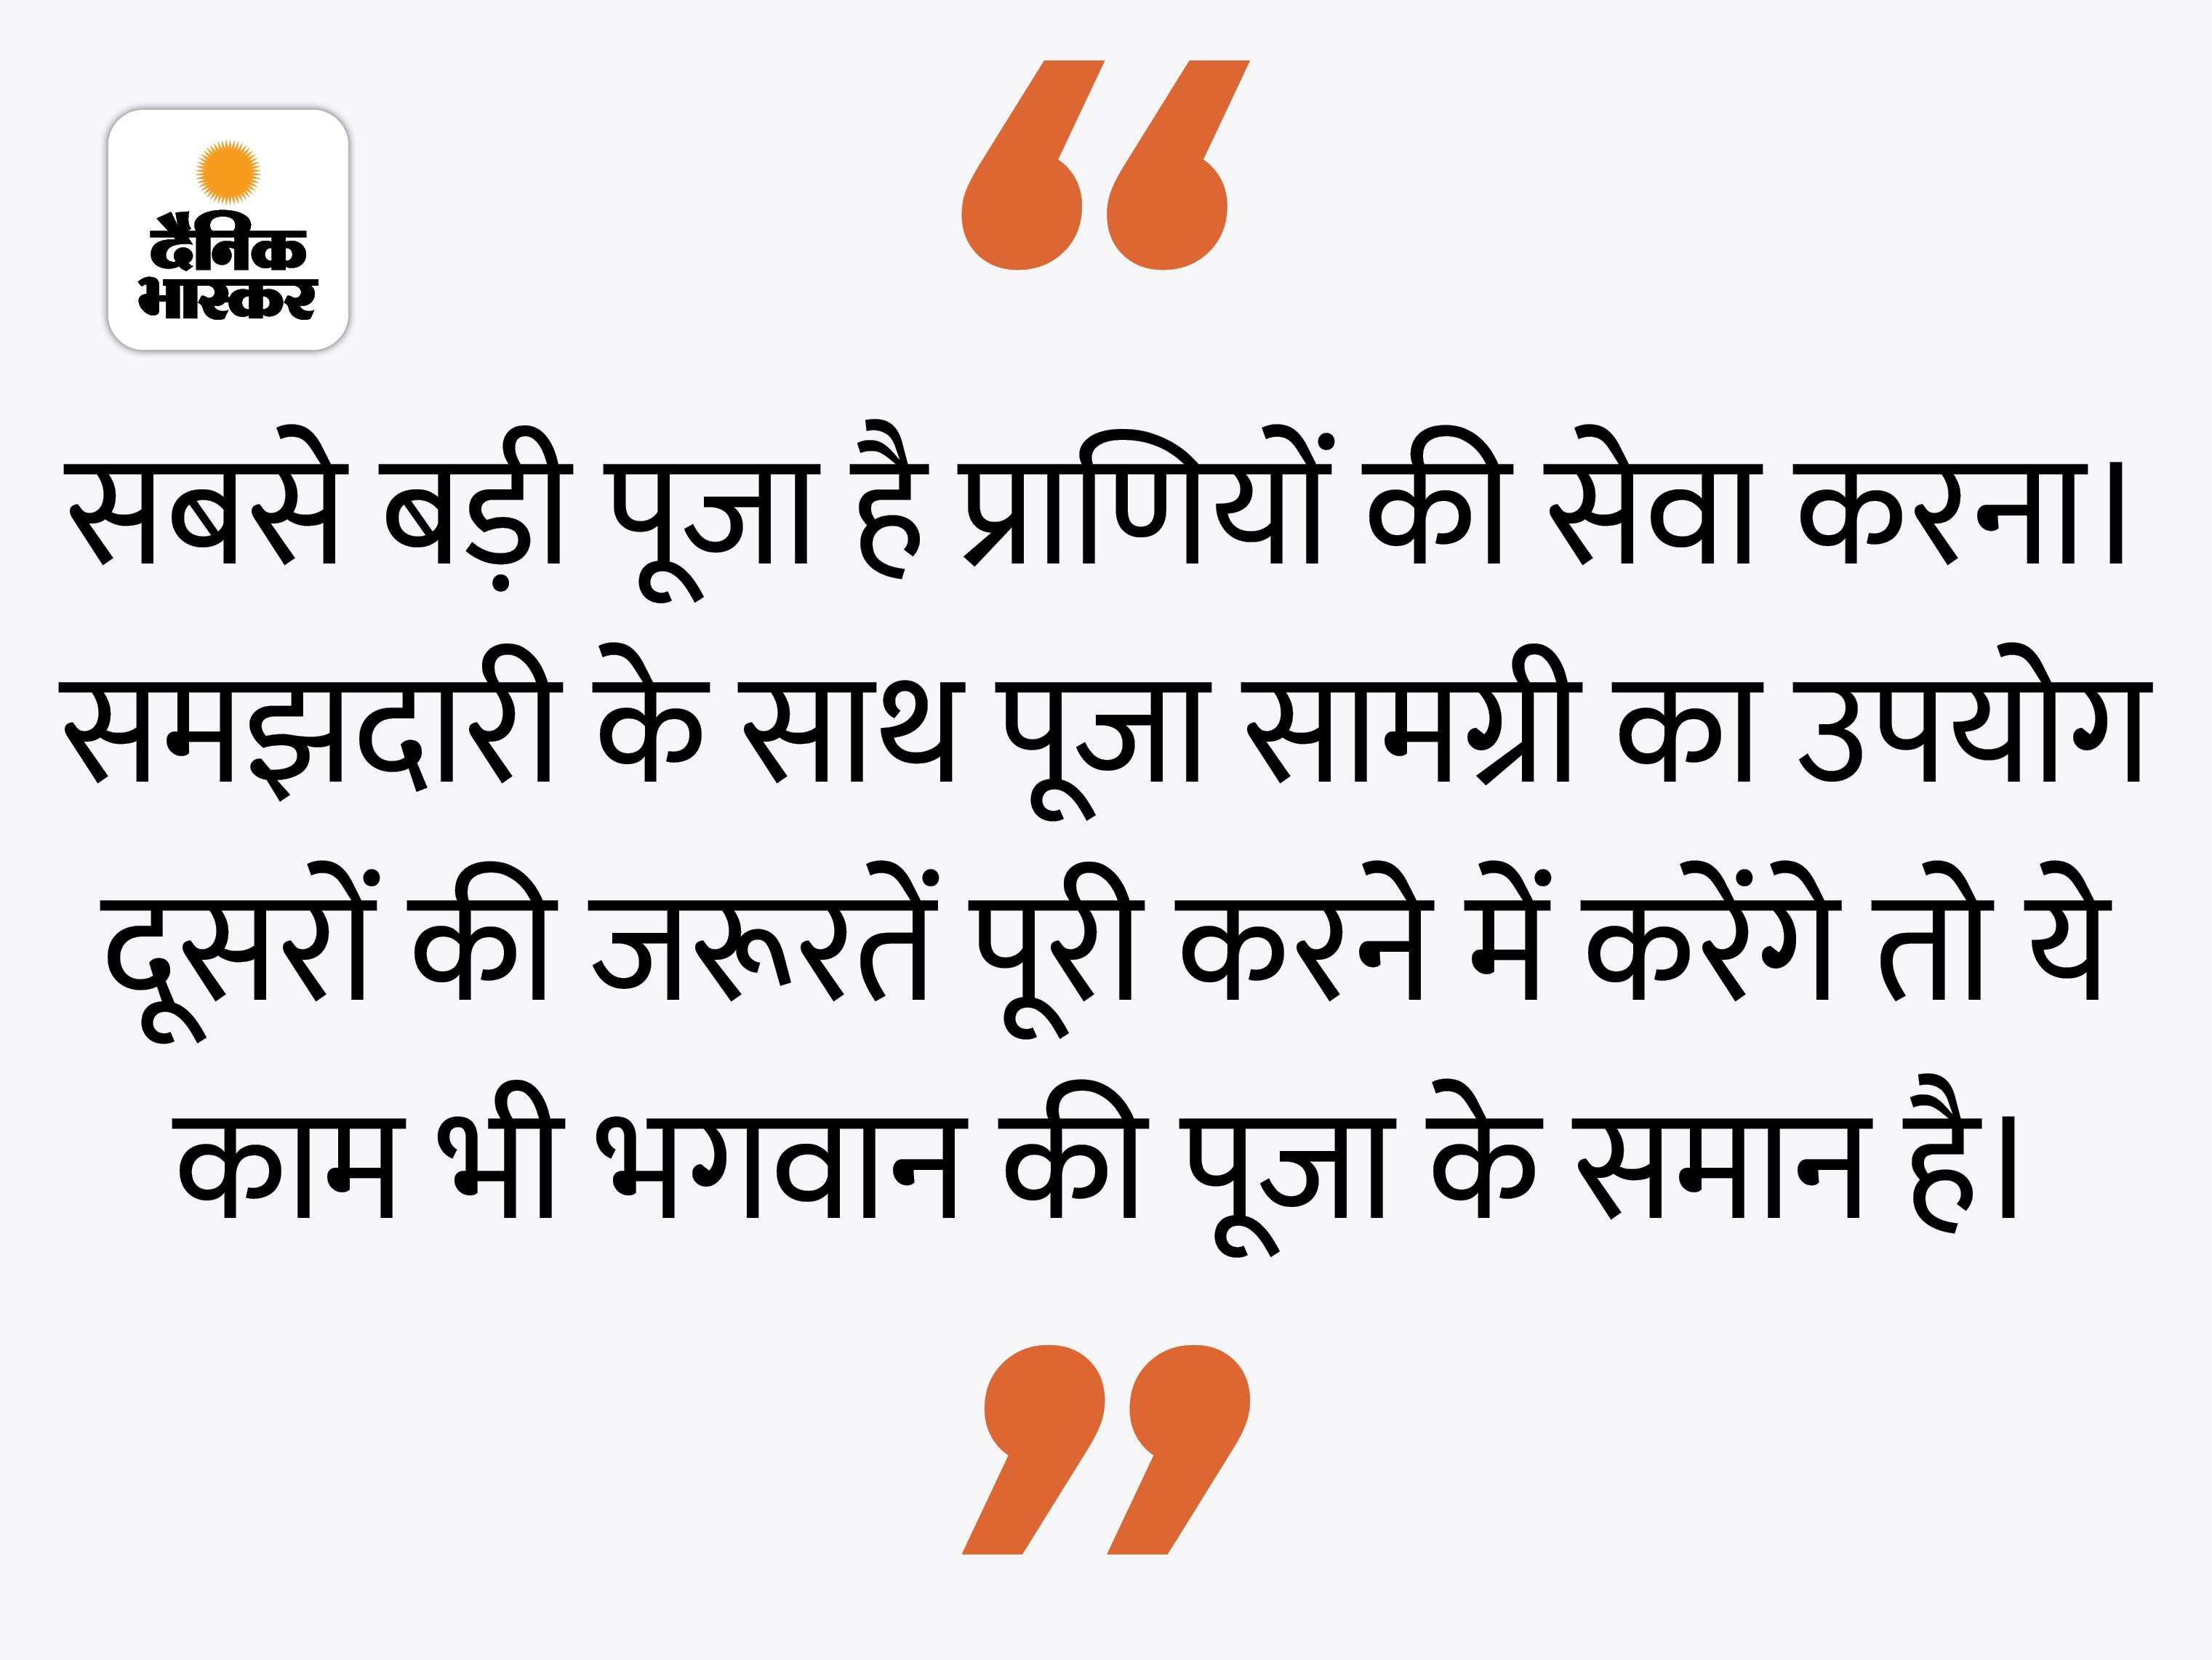 हमारी पूजन-सामग्री से किसी का भला हो रहा हो तो वह सामग्री जरूरतमंद को दे देनी चाहिए|धर्म,Dharm - Dainik Bhaskar